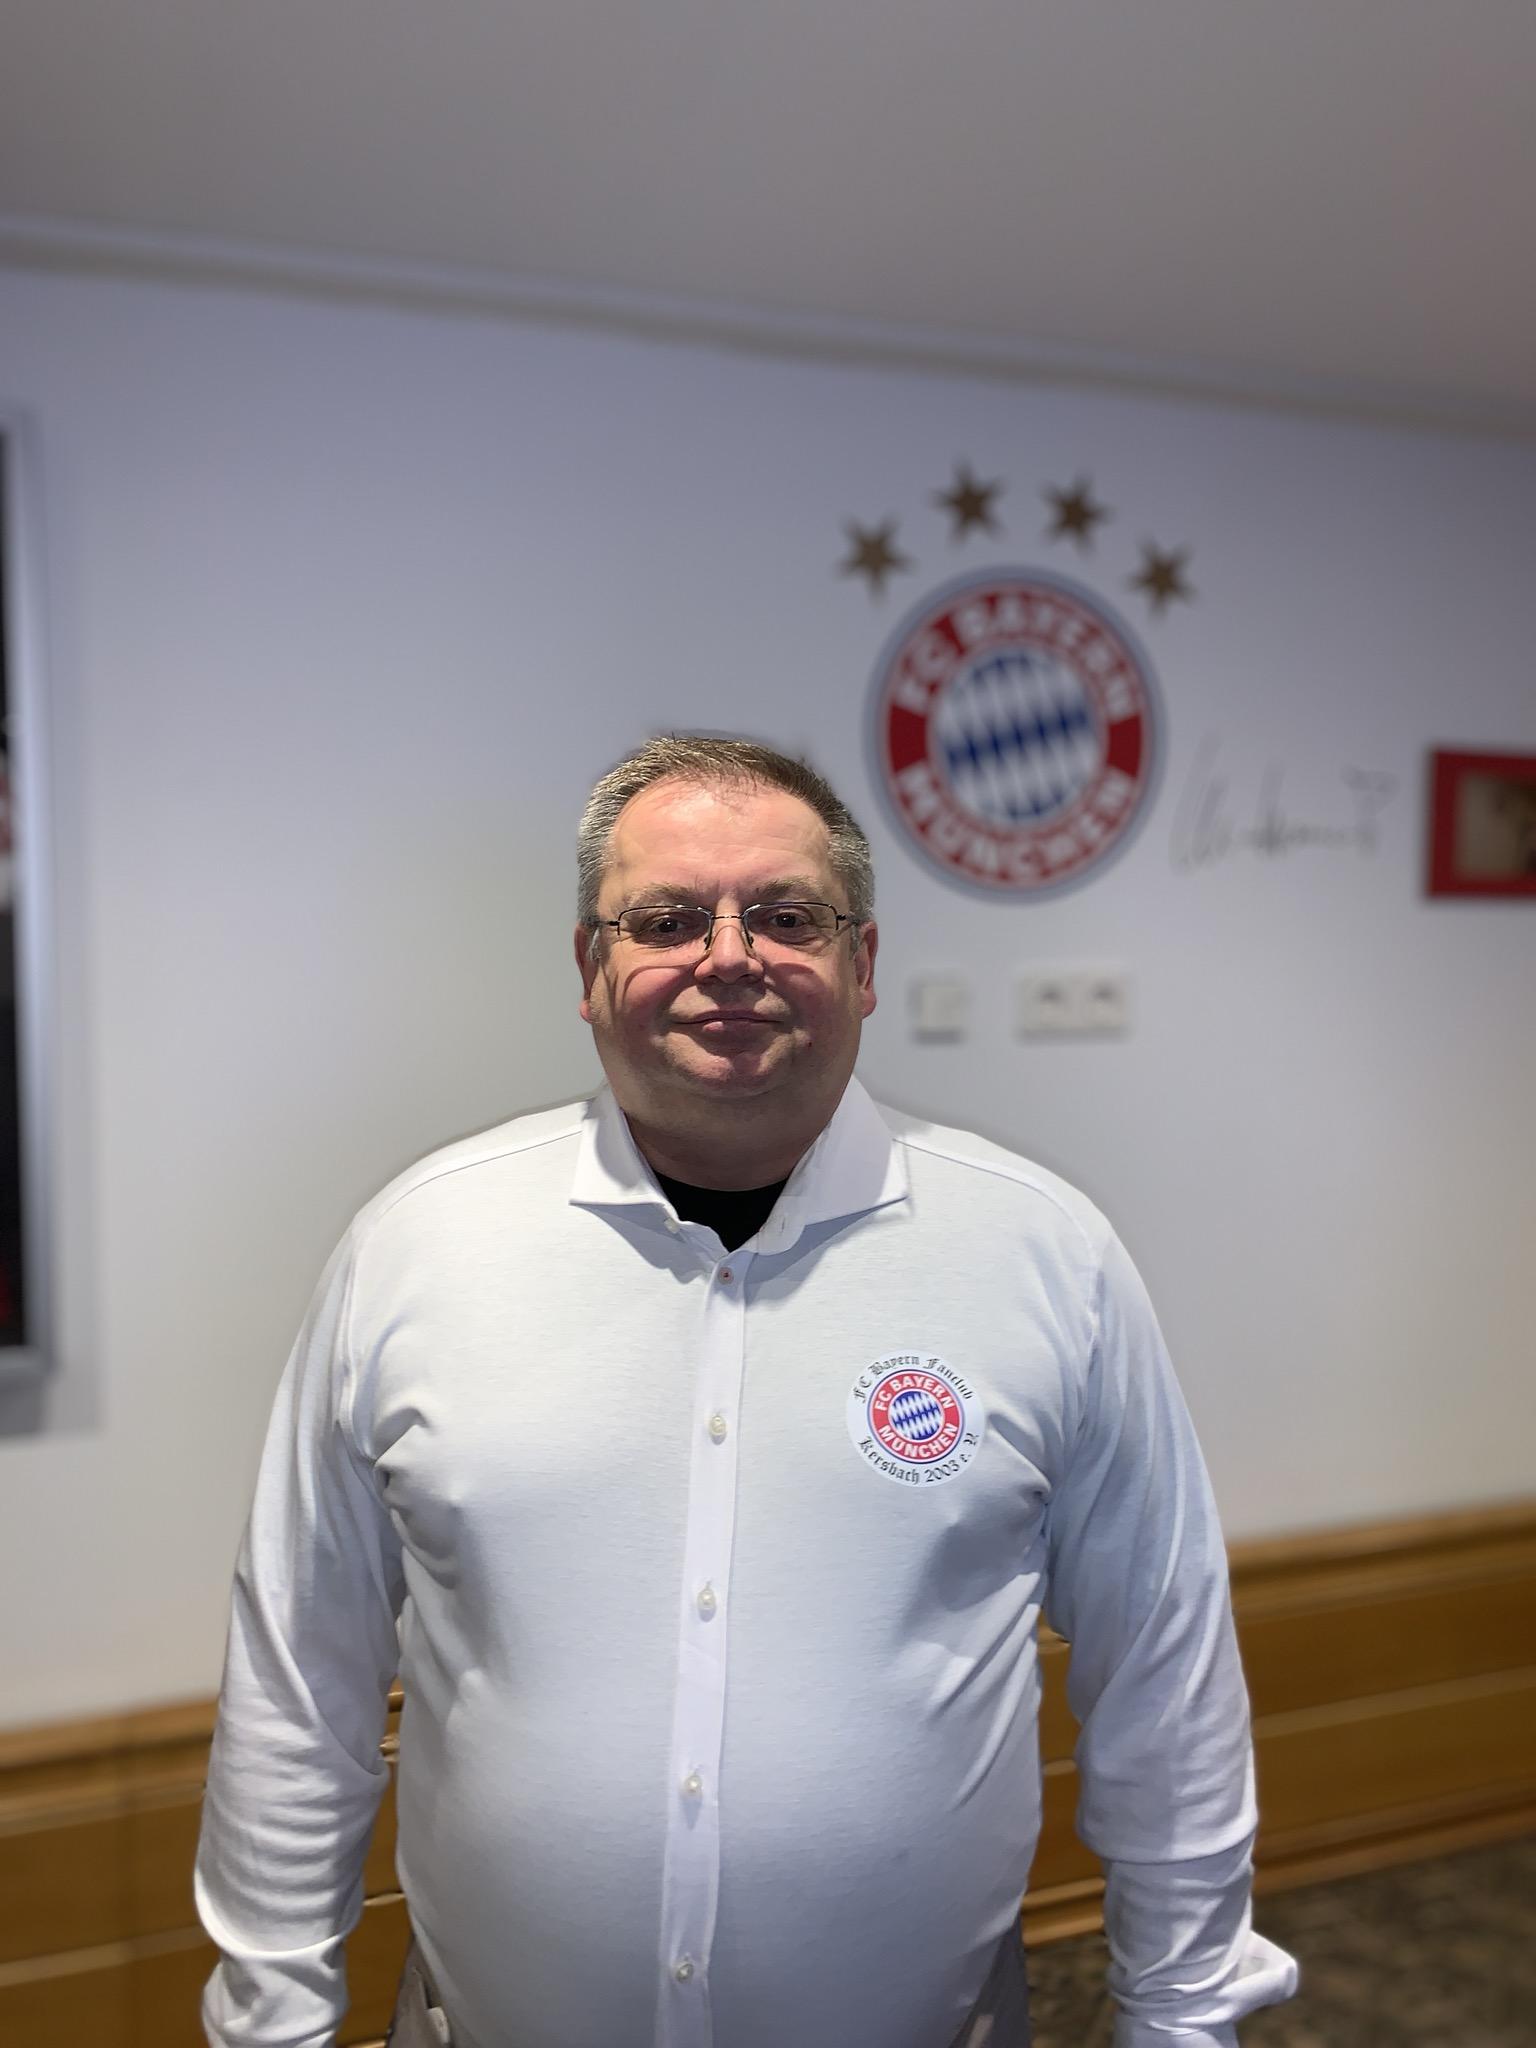 Reinhard Hofmann